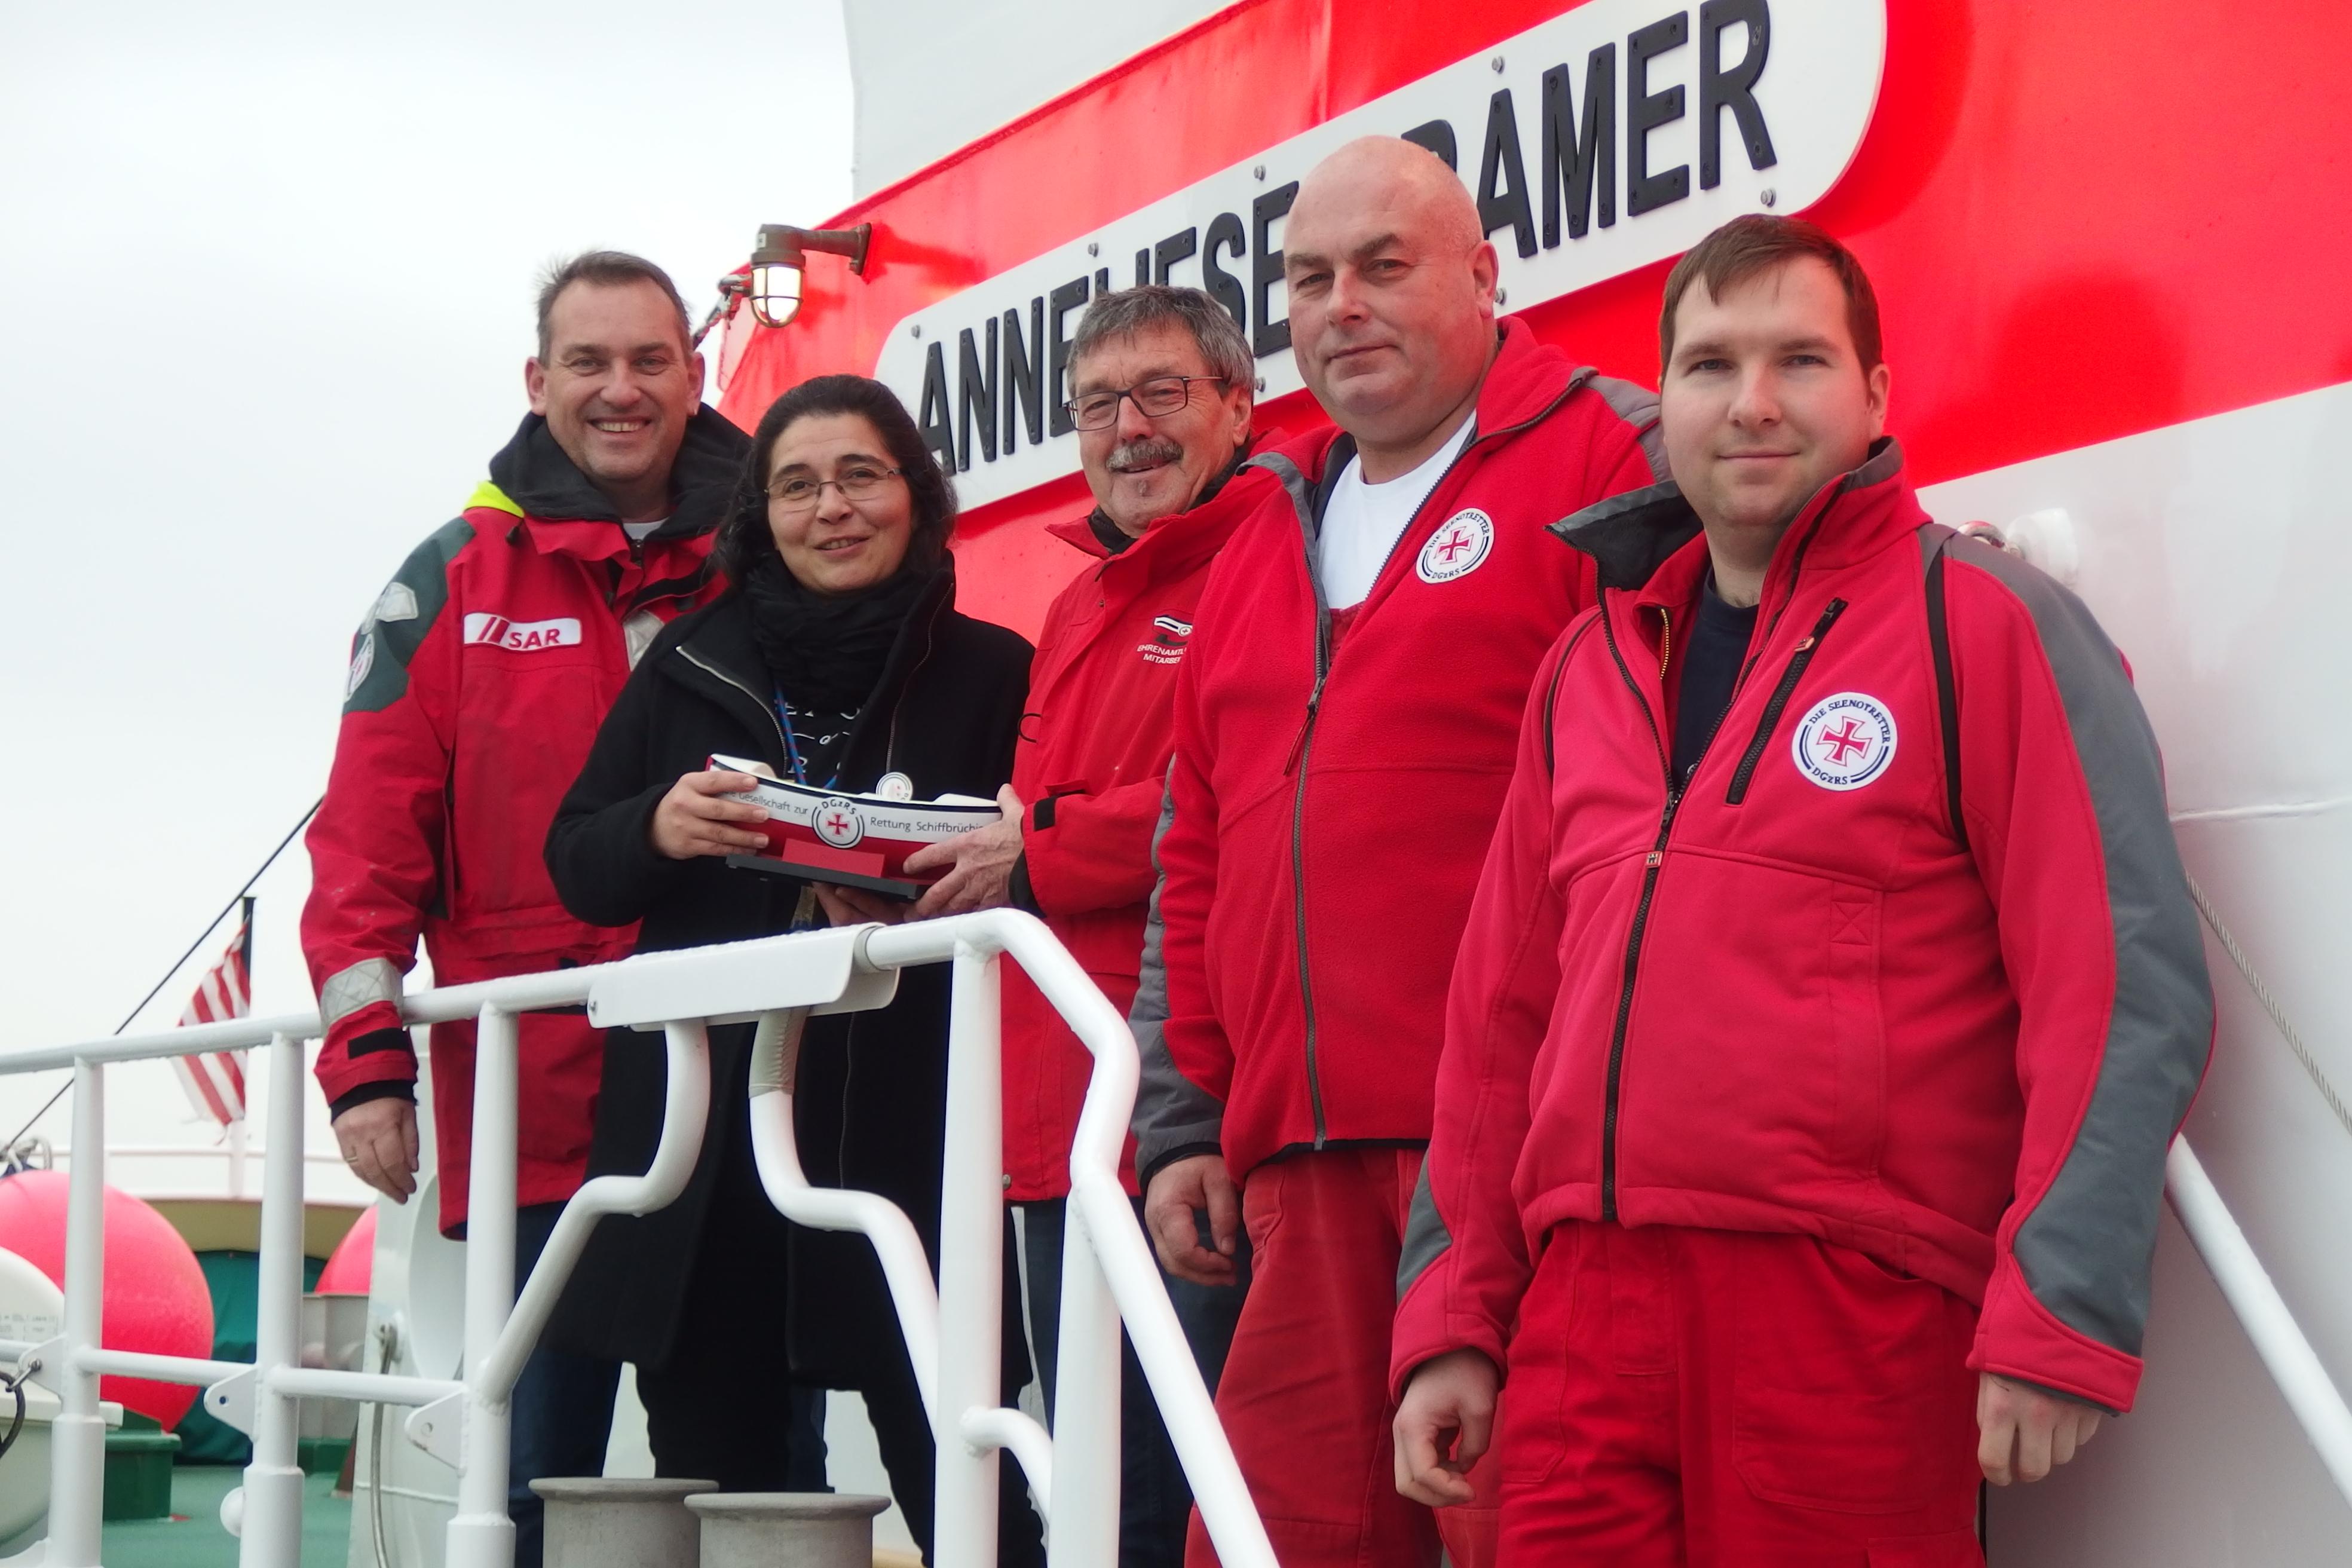 Übergabe der Spendenschiffchen  - Sammlung auf dem Neujahrsempfang der Stadt Cuxhaven